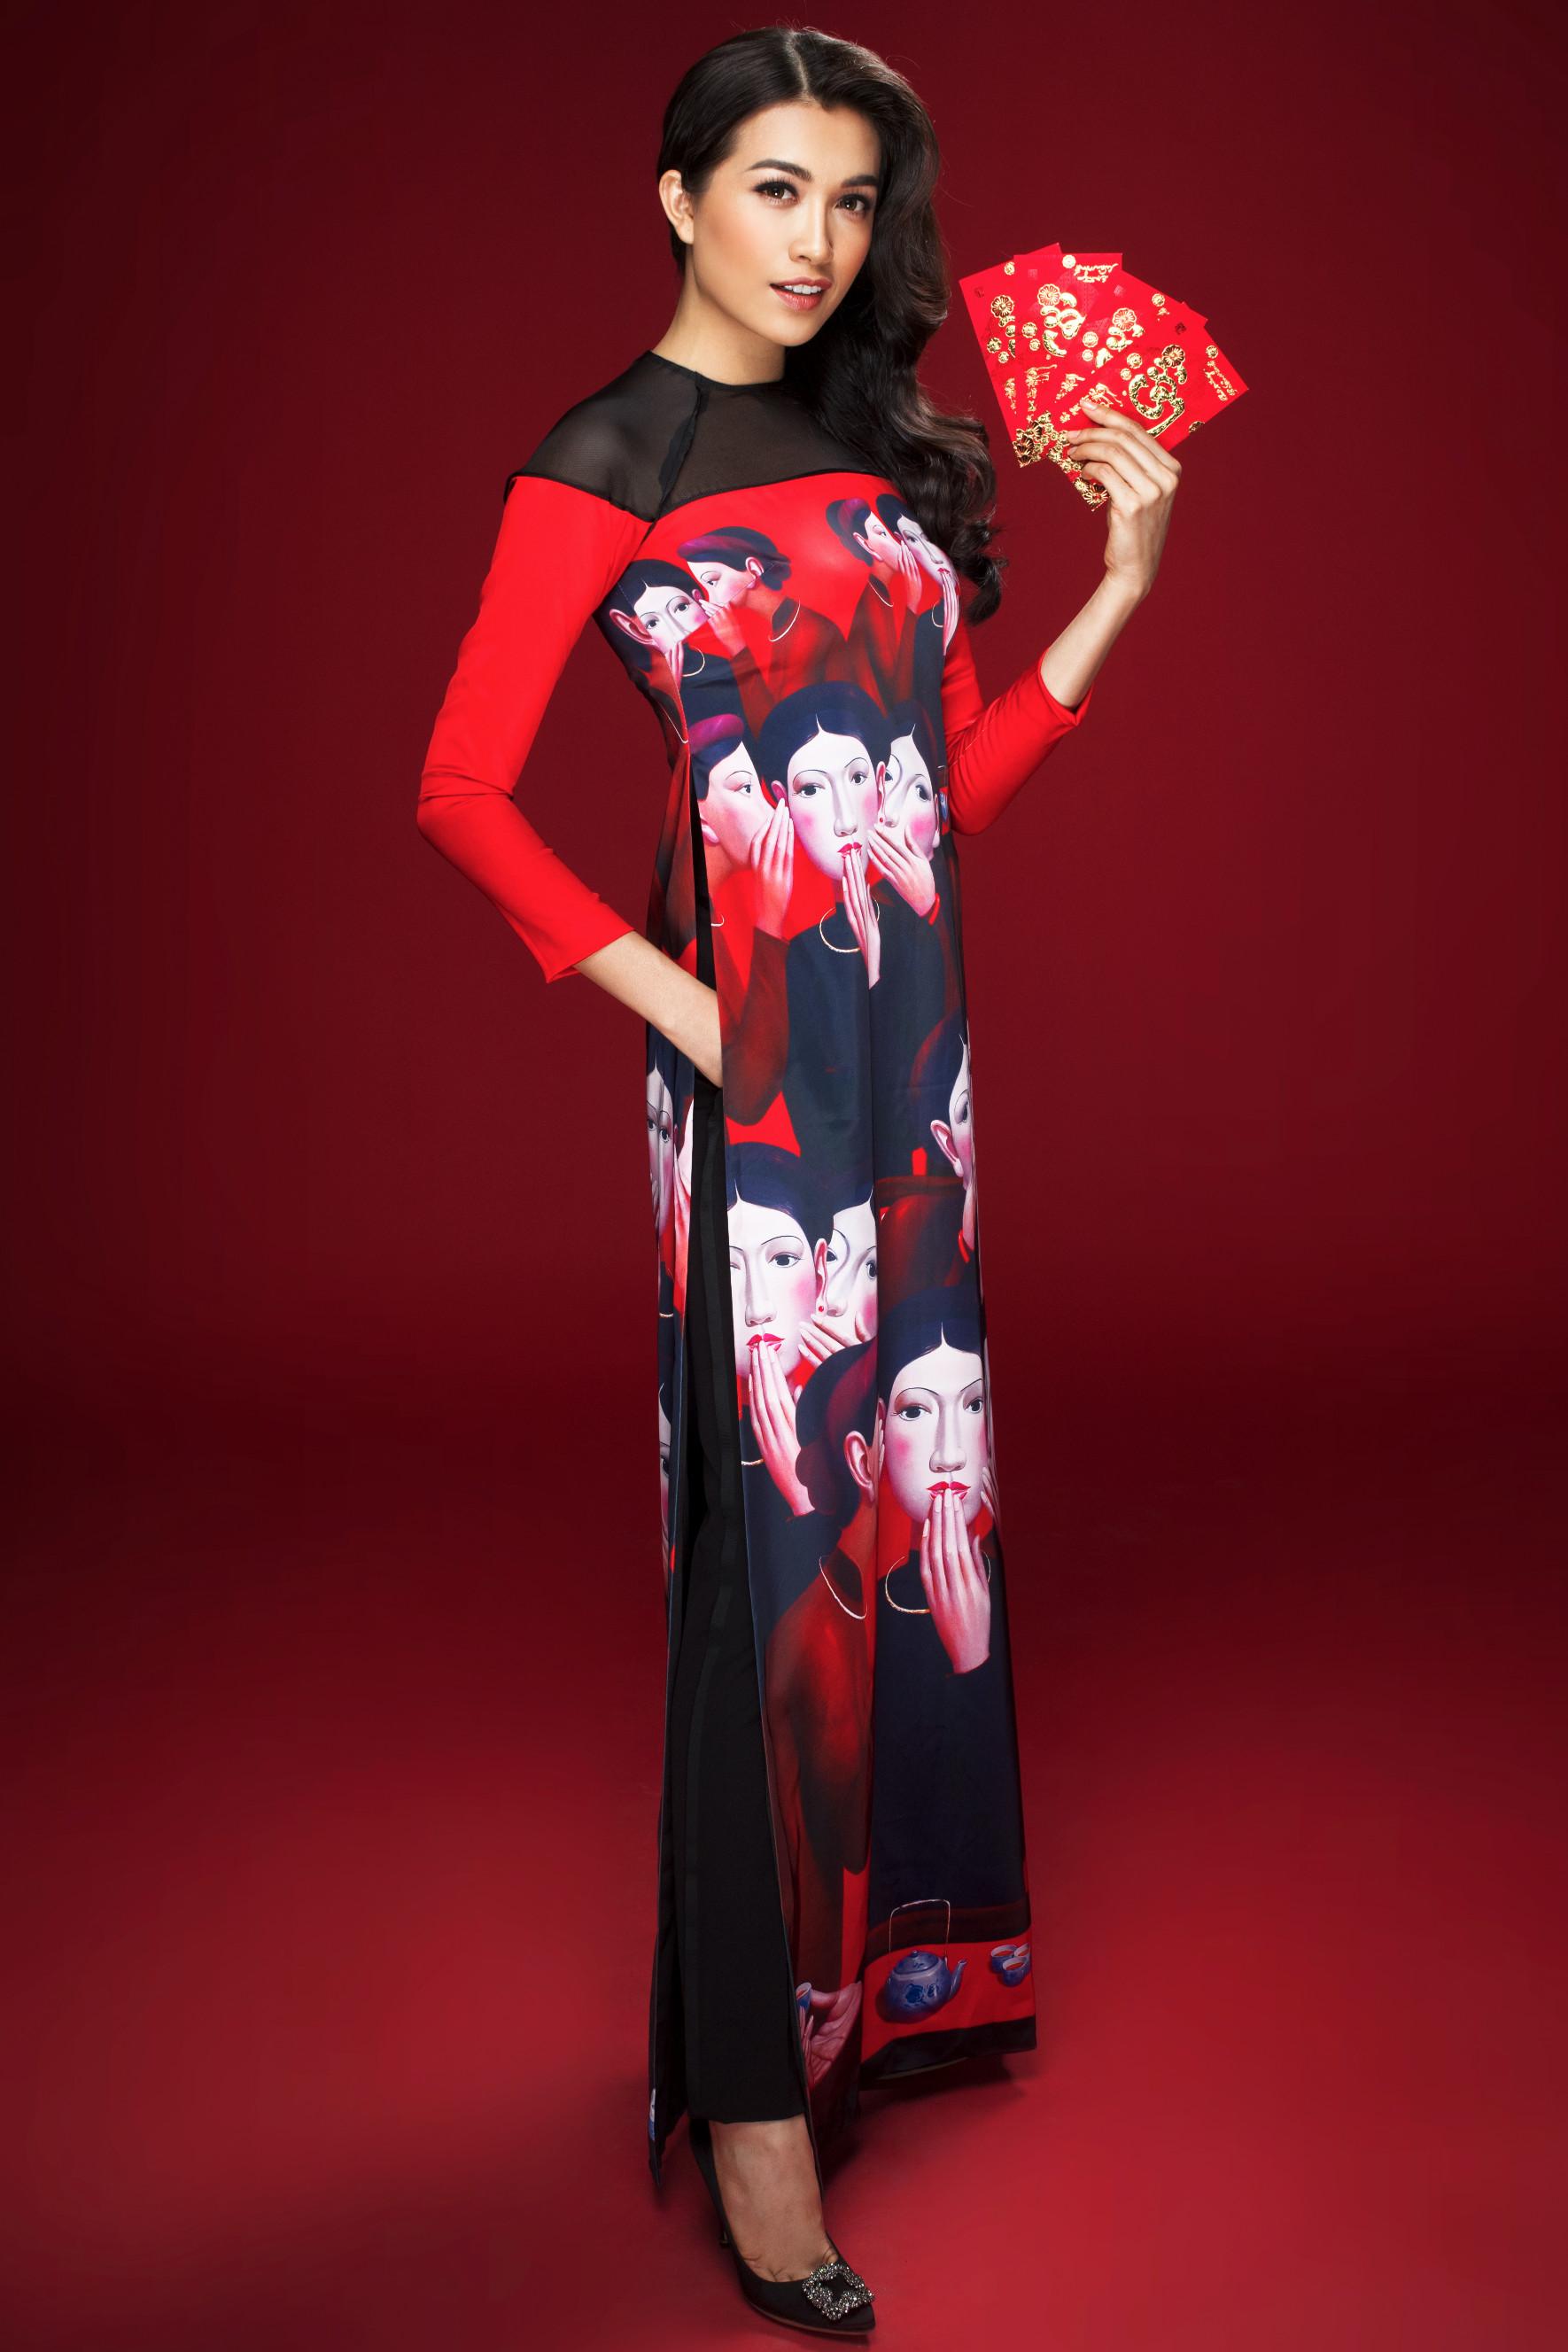 Lệ Hằng Miss Universe - elle vietnam 17